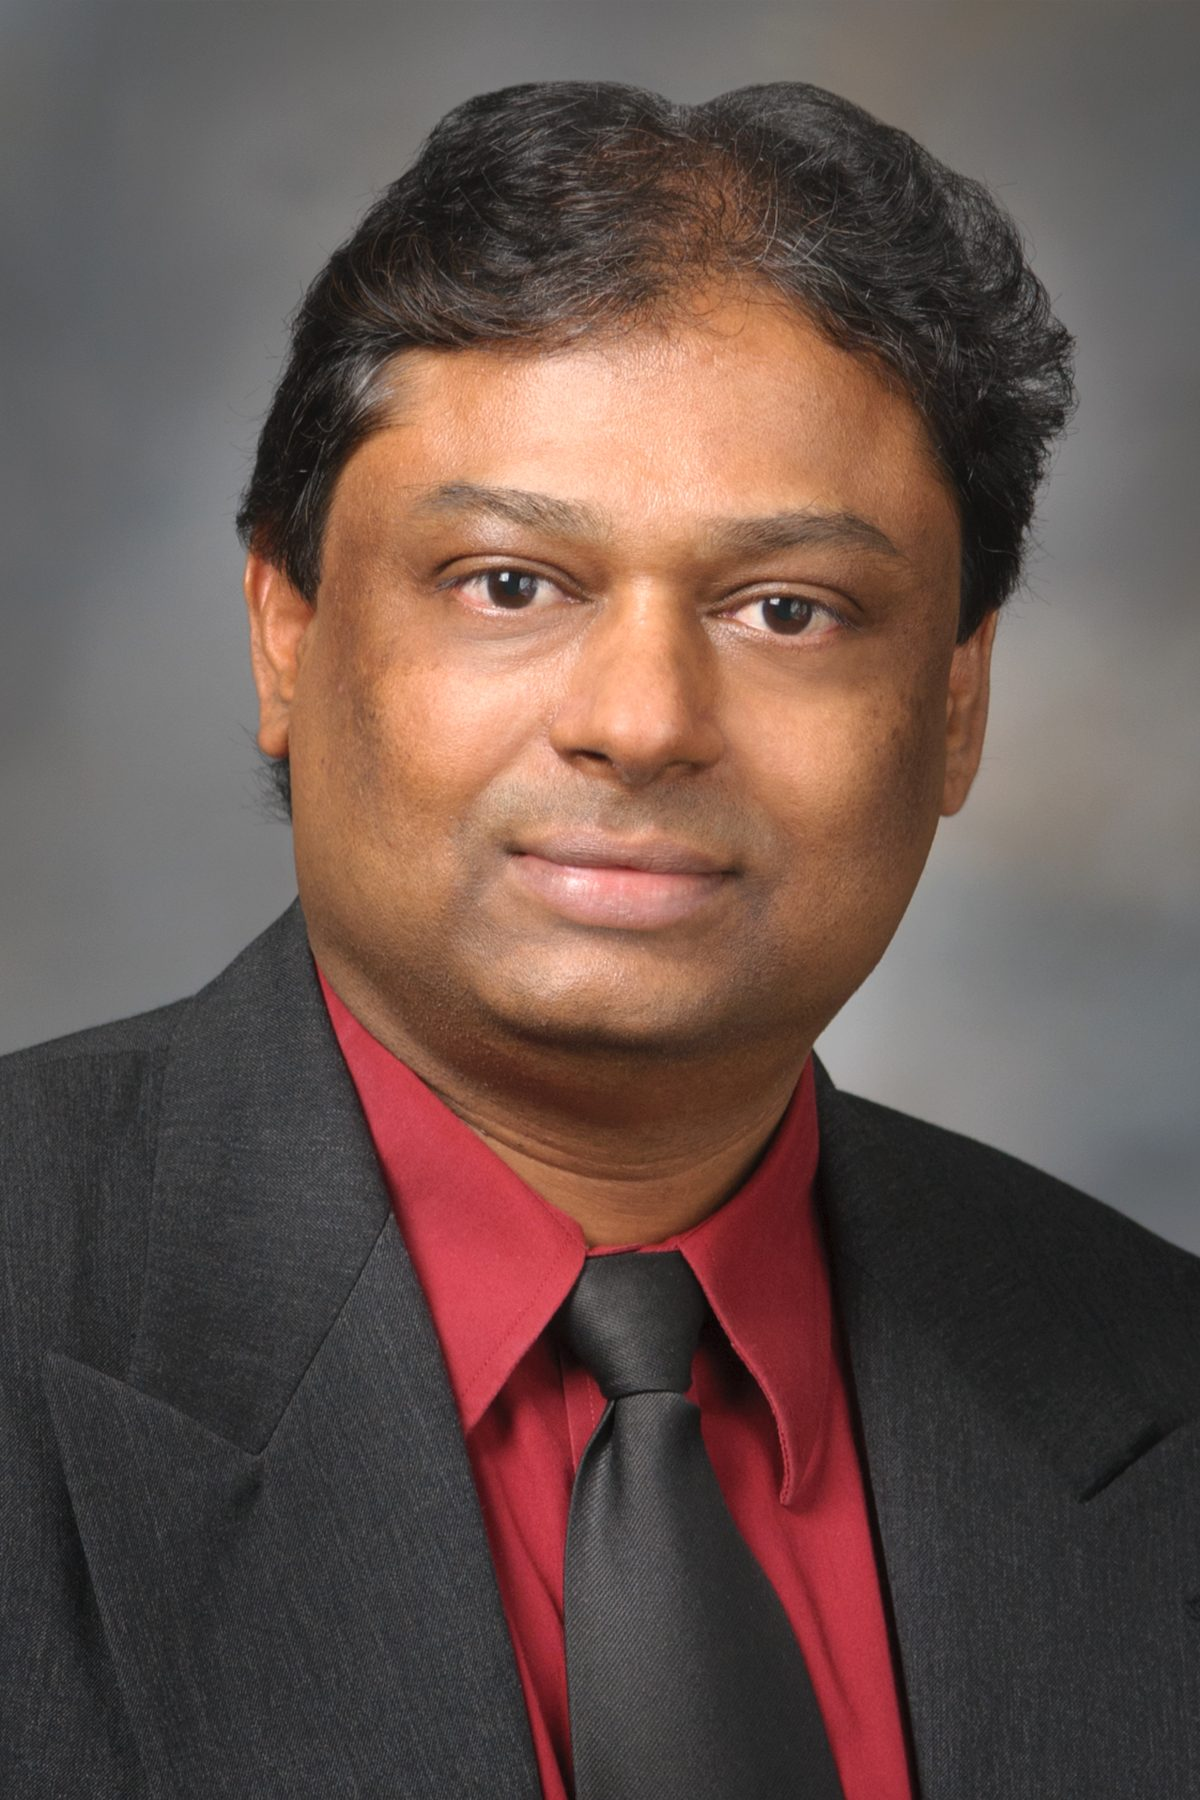 Dr. Sanjay Shete